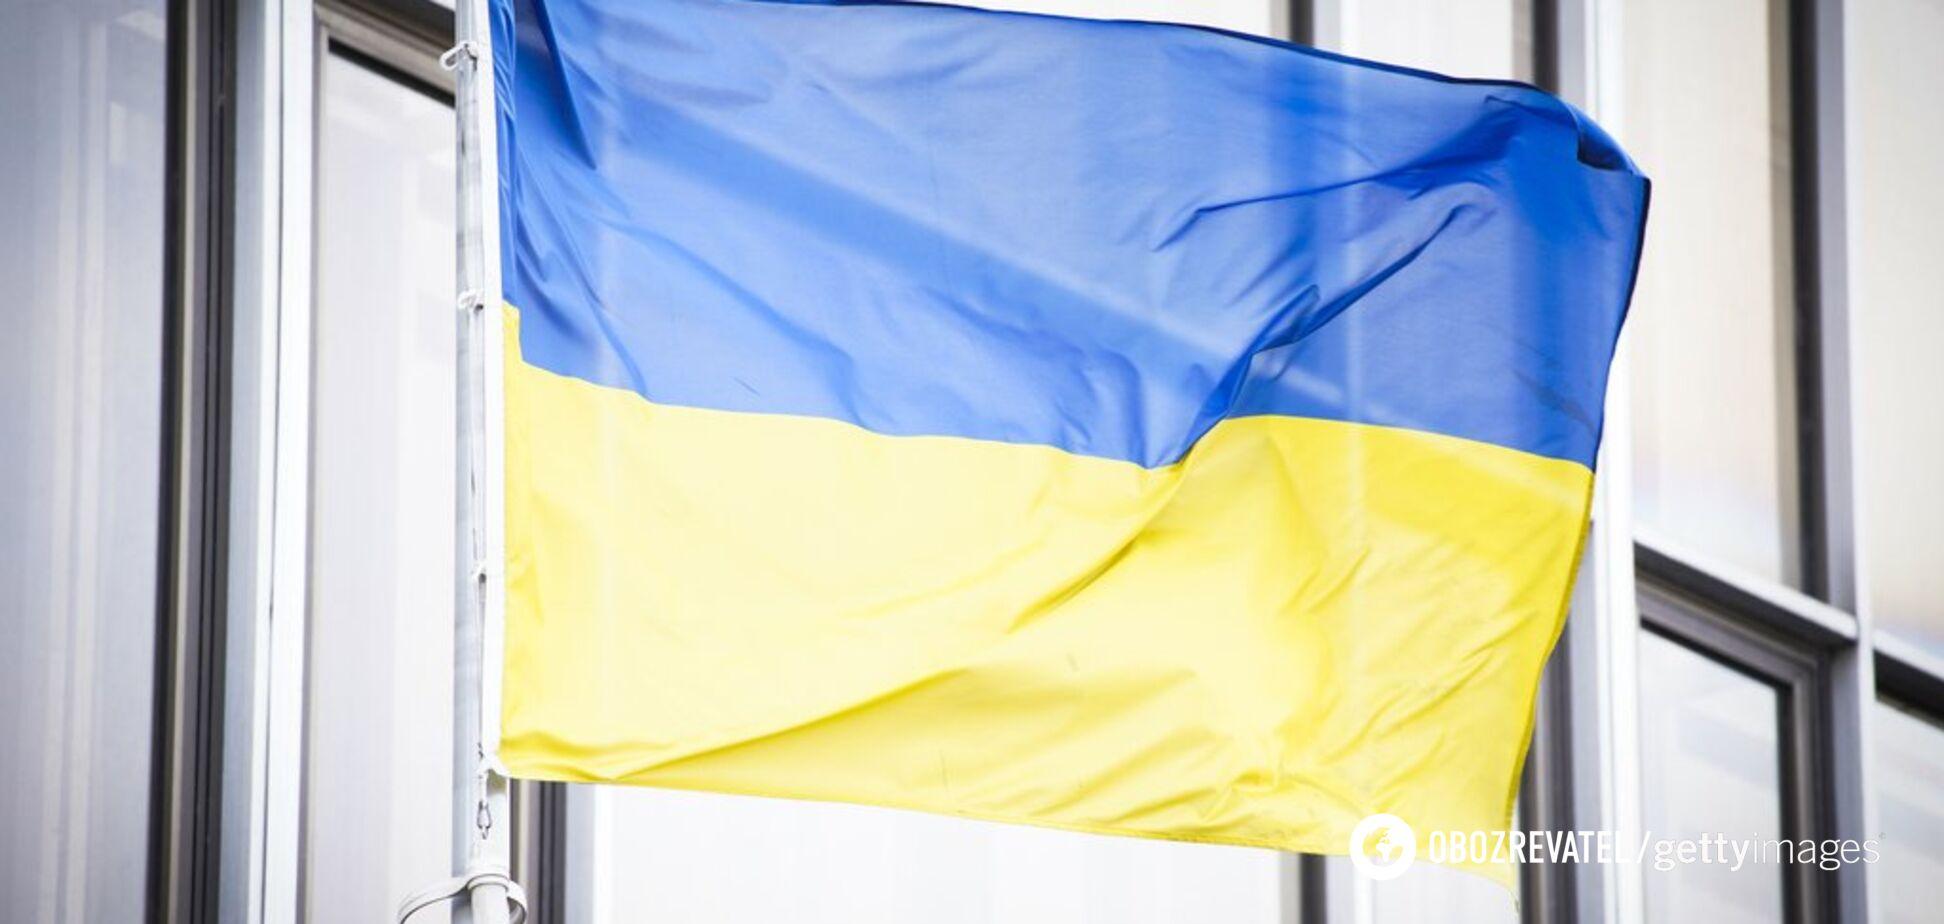 Украина потеряла лидерство в престижном мировом рейтинге